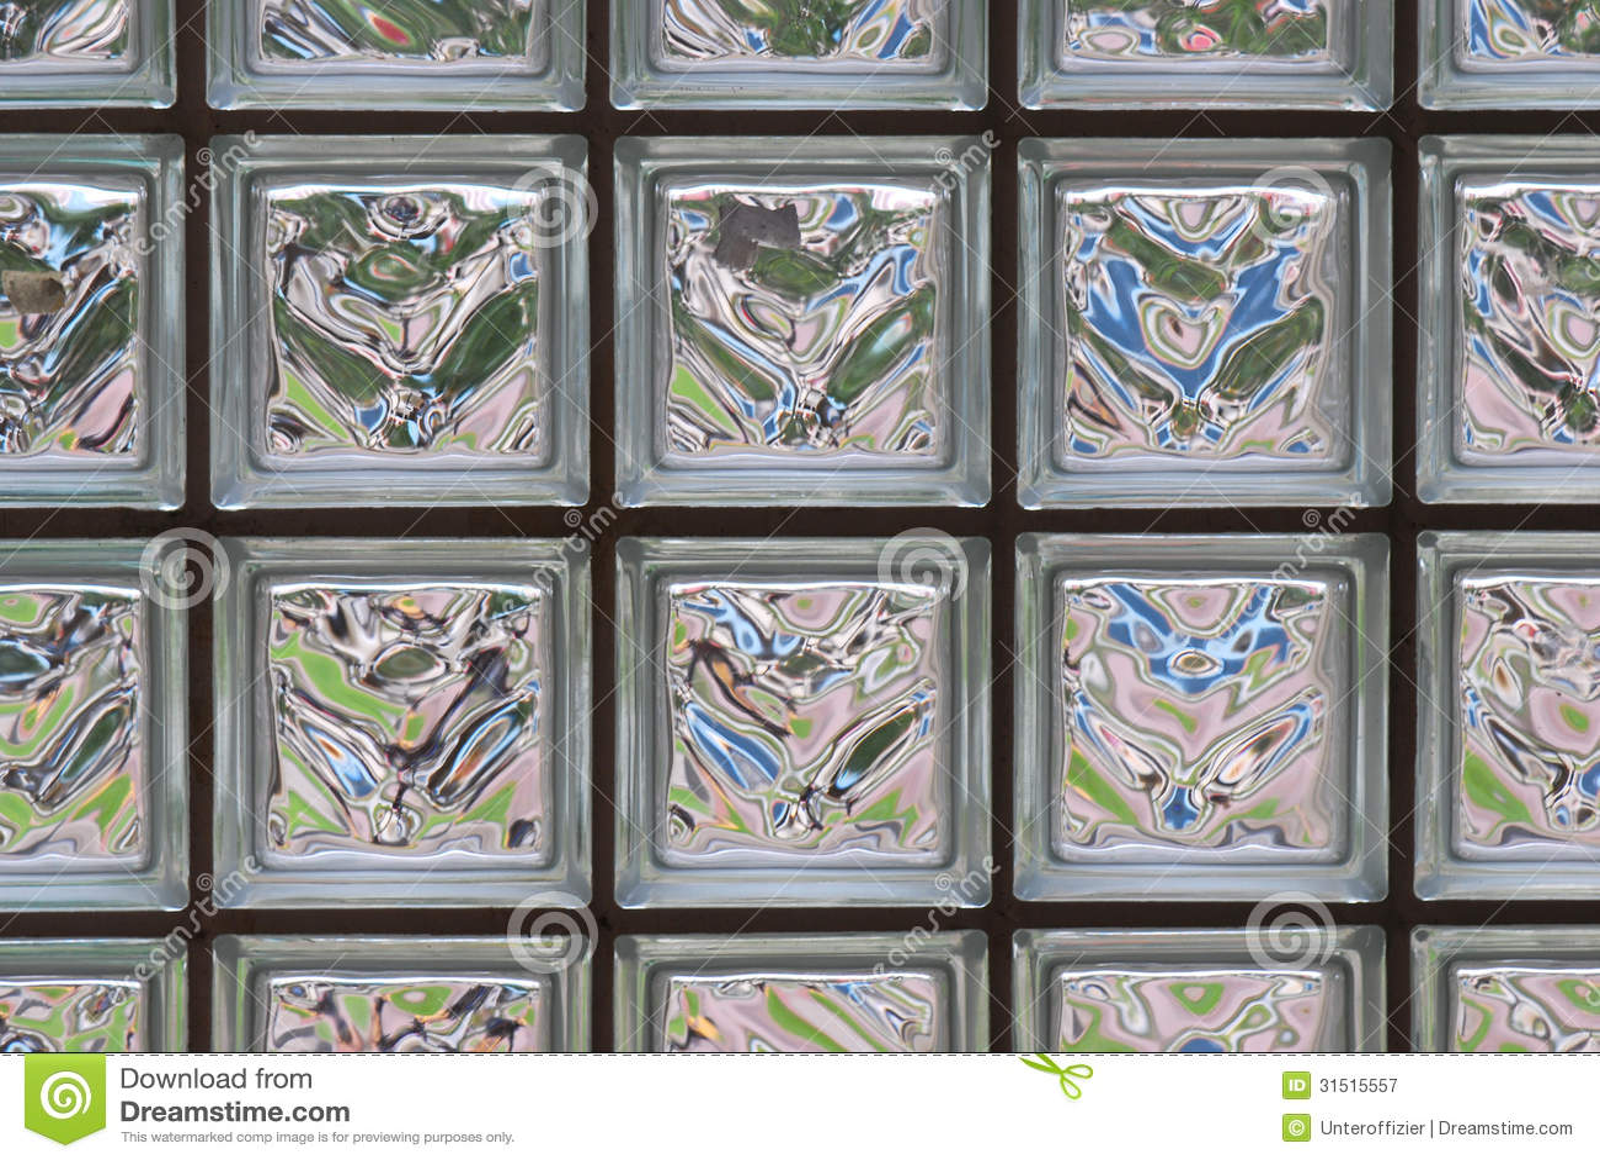 Glasblöcke stockbild. Bild von quarz, spiegel, reflect - 31515557